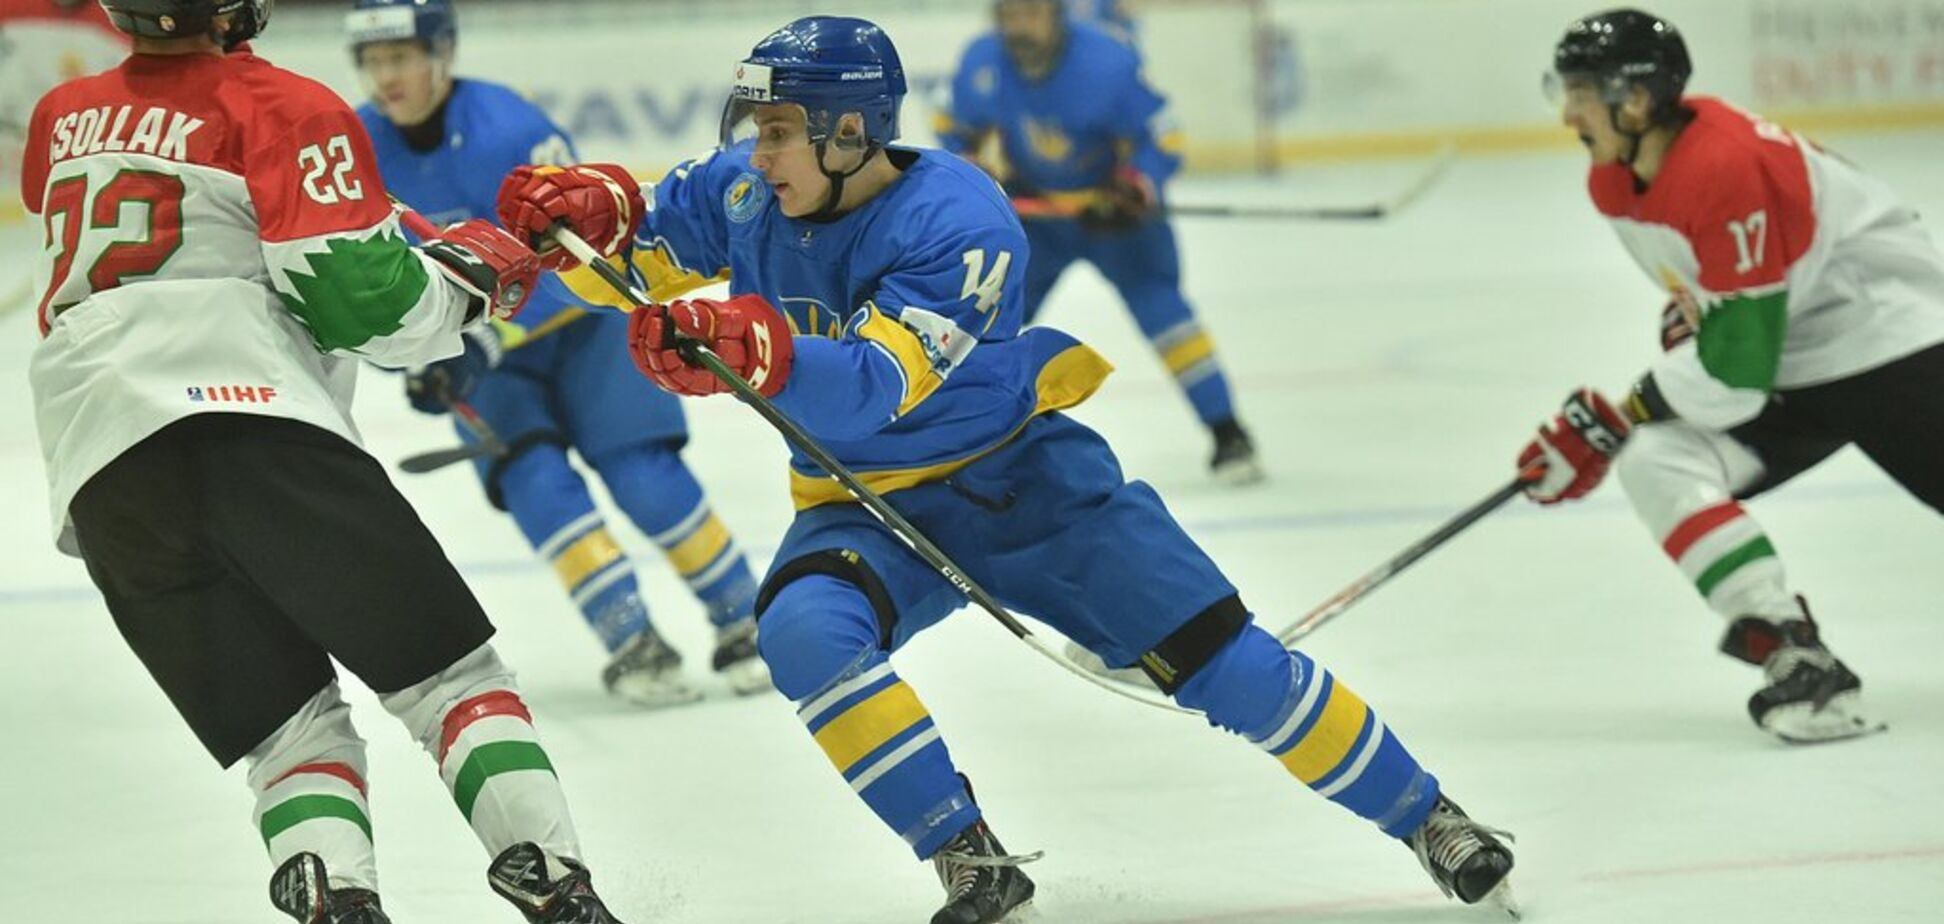 Молодежная сборная Украины проиграла на старте чемпионата мира по хоккею